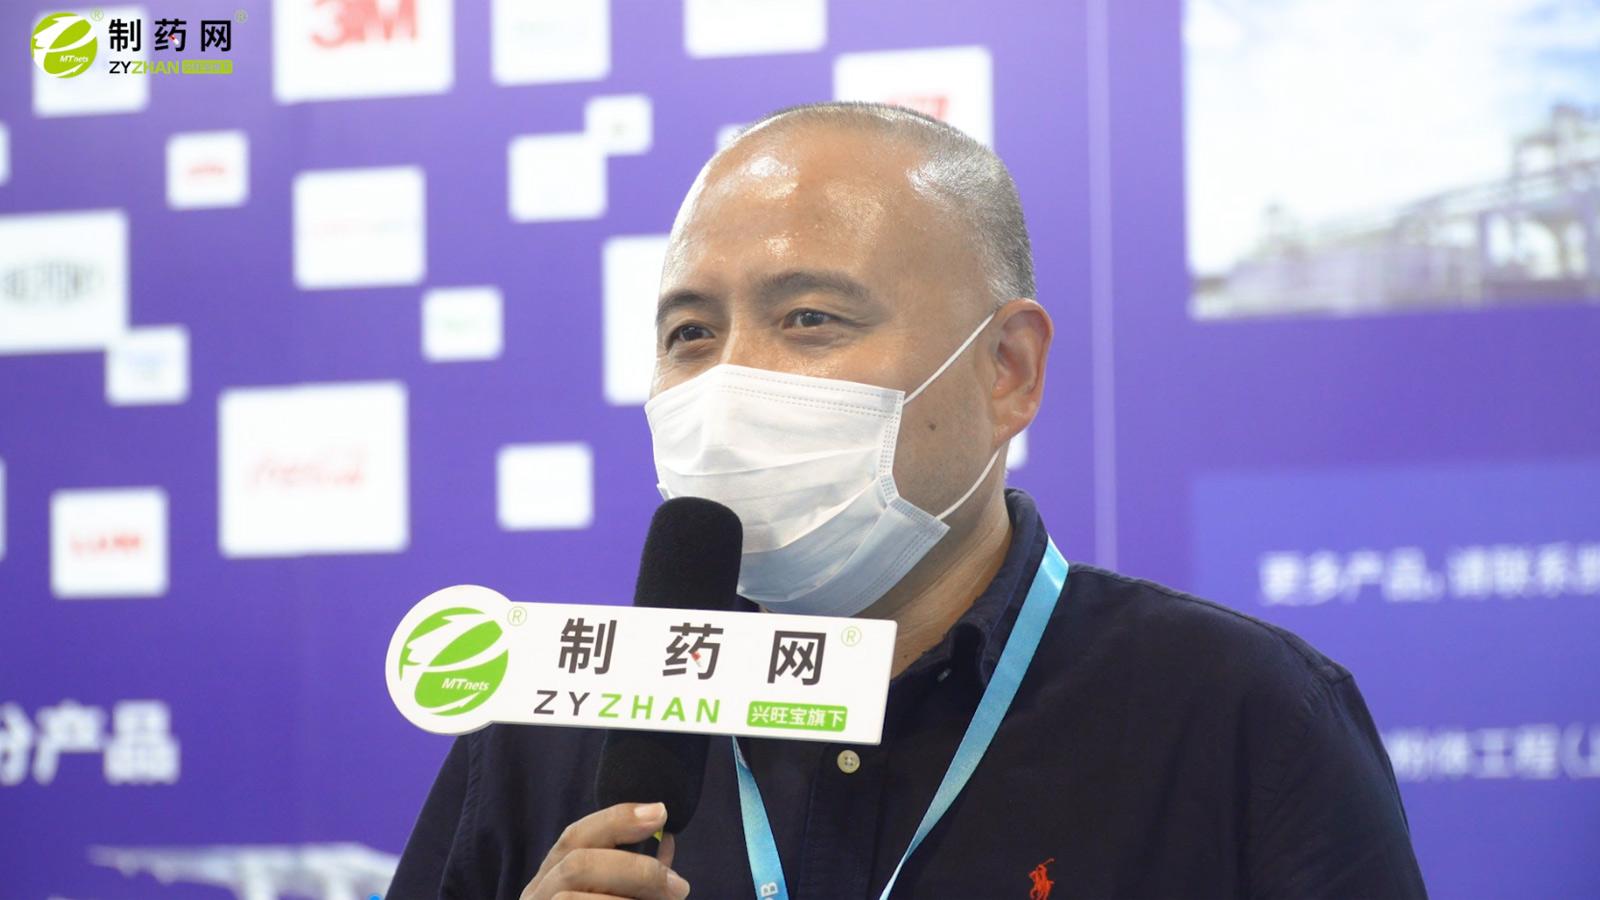 凯睿达董事长殷明:未来进一步开拓365备用网站粉体领域